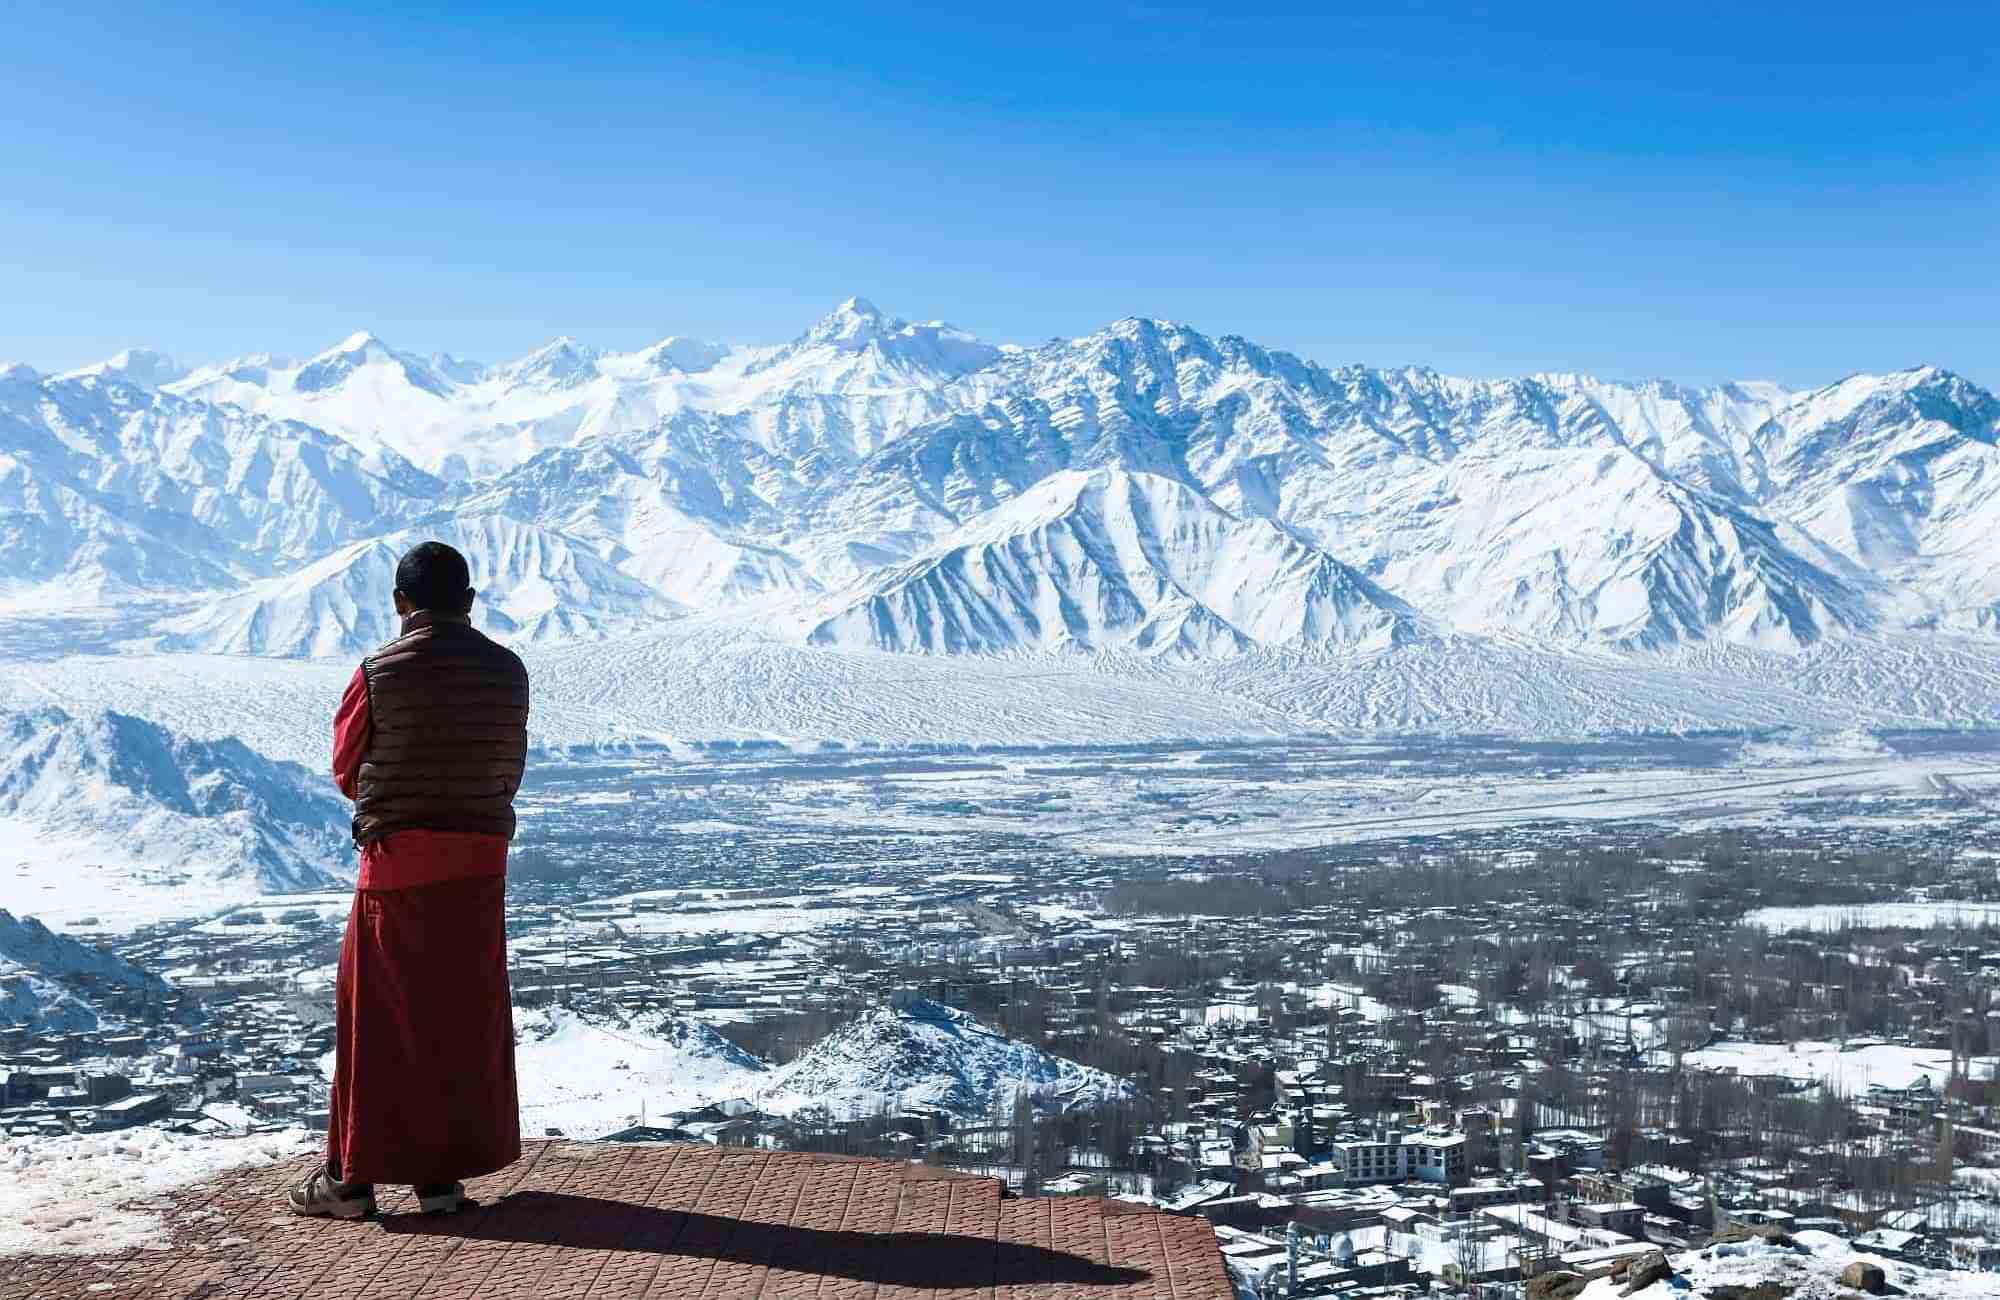 Voyage Inde - Ladakh - Vallée de Leh dans l'Himalaya - Amplitudes